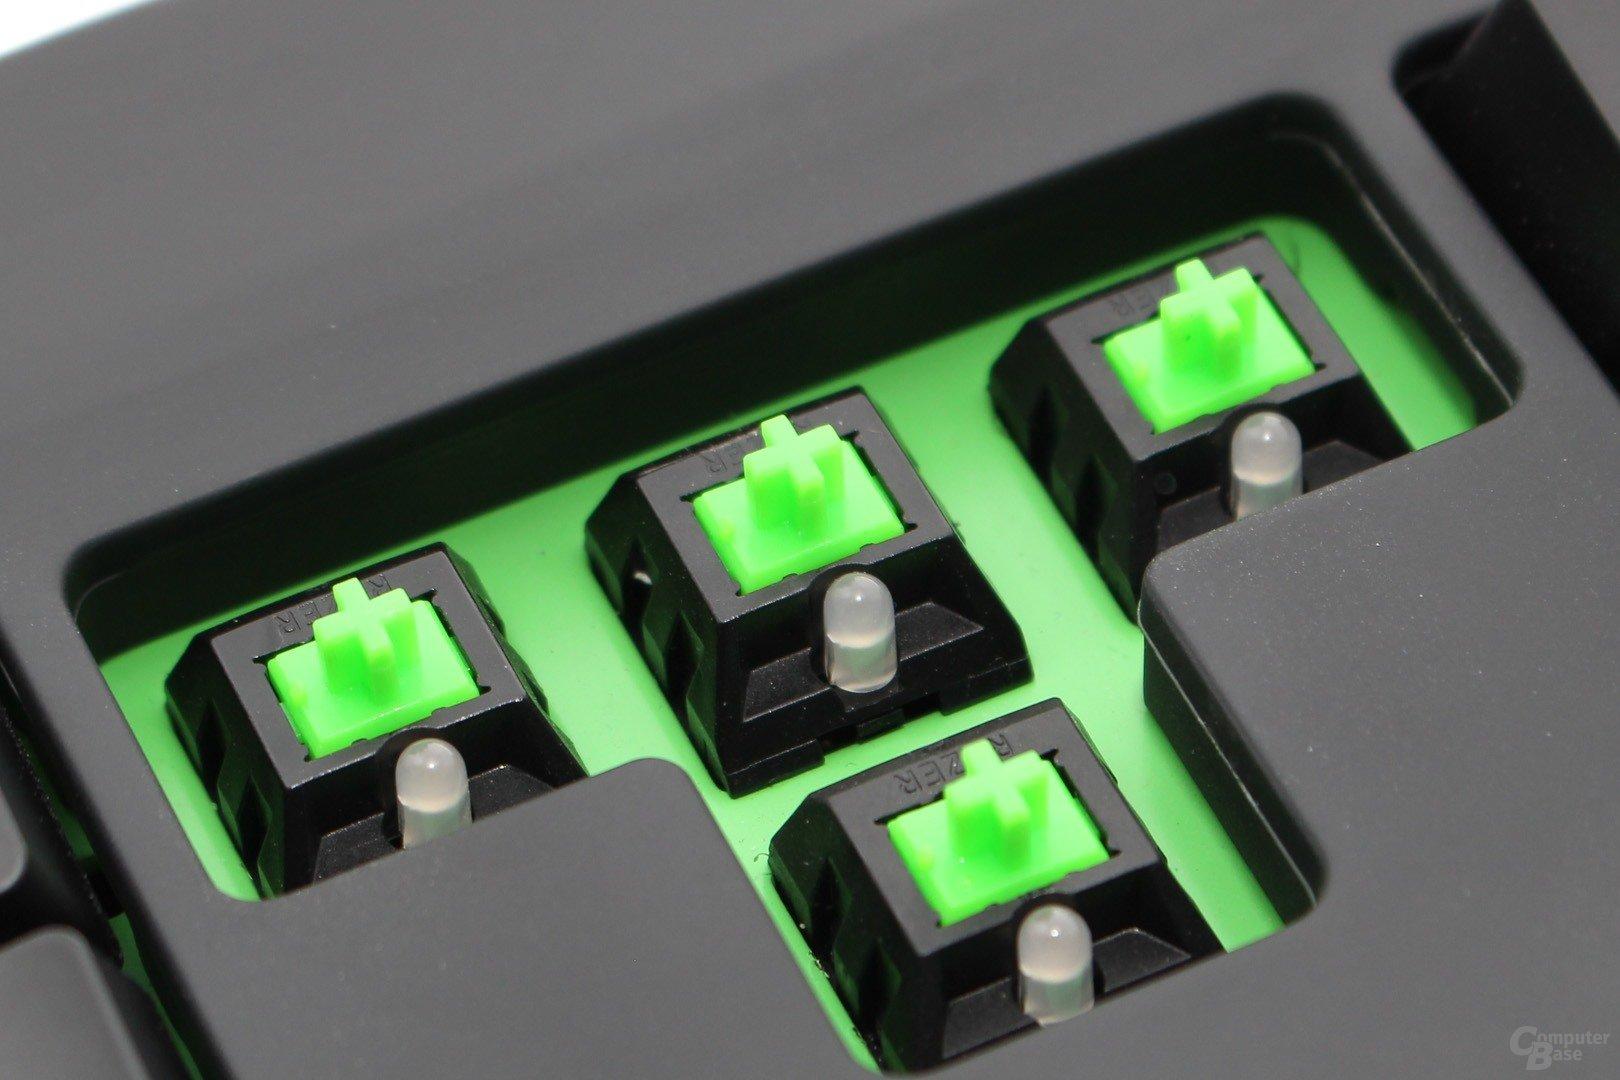 Zum Vergleich: Razer Green mit grünen LEDs der Black Widow Ultimate 2014